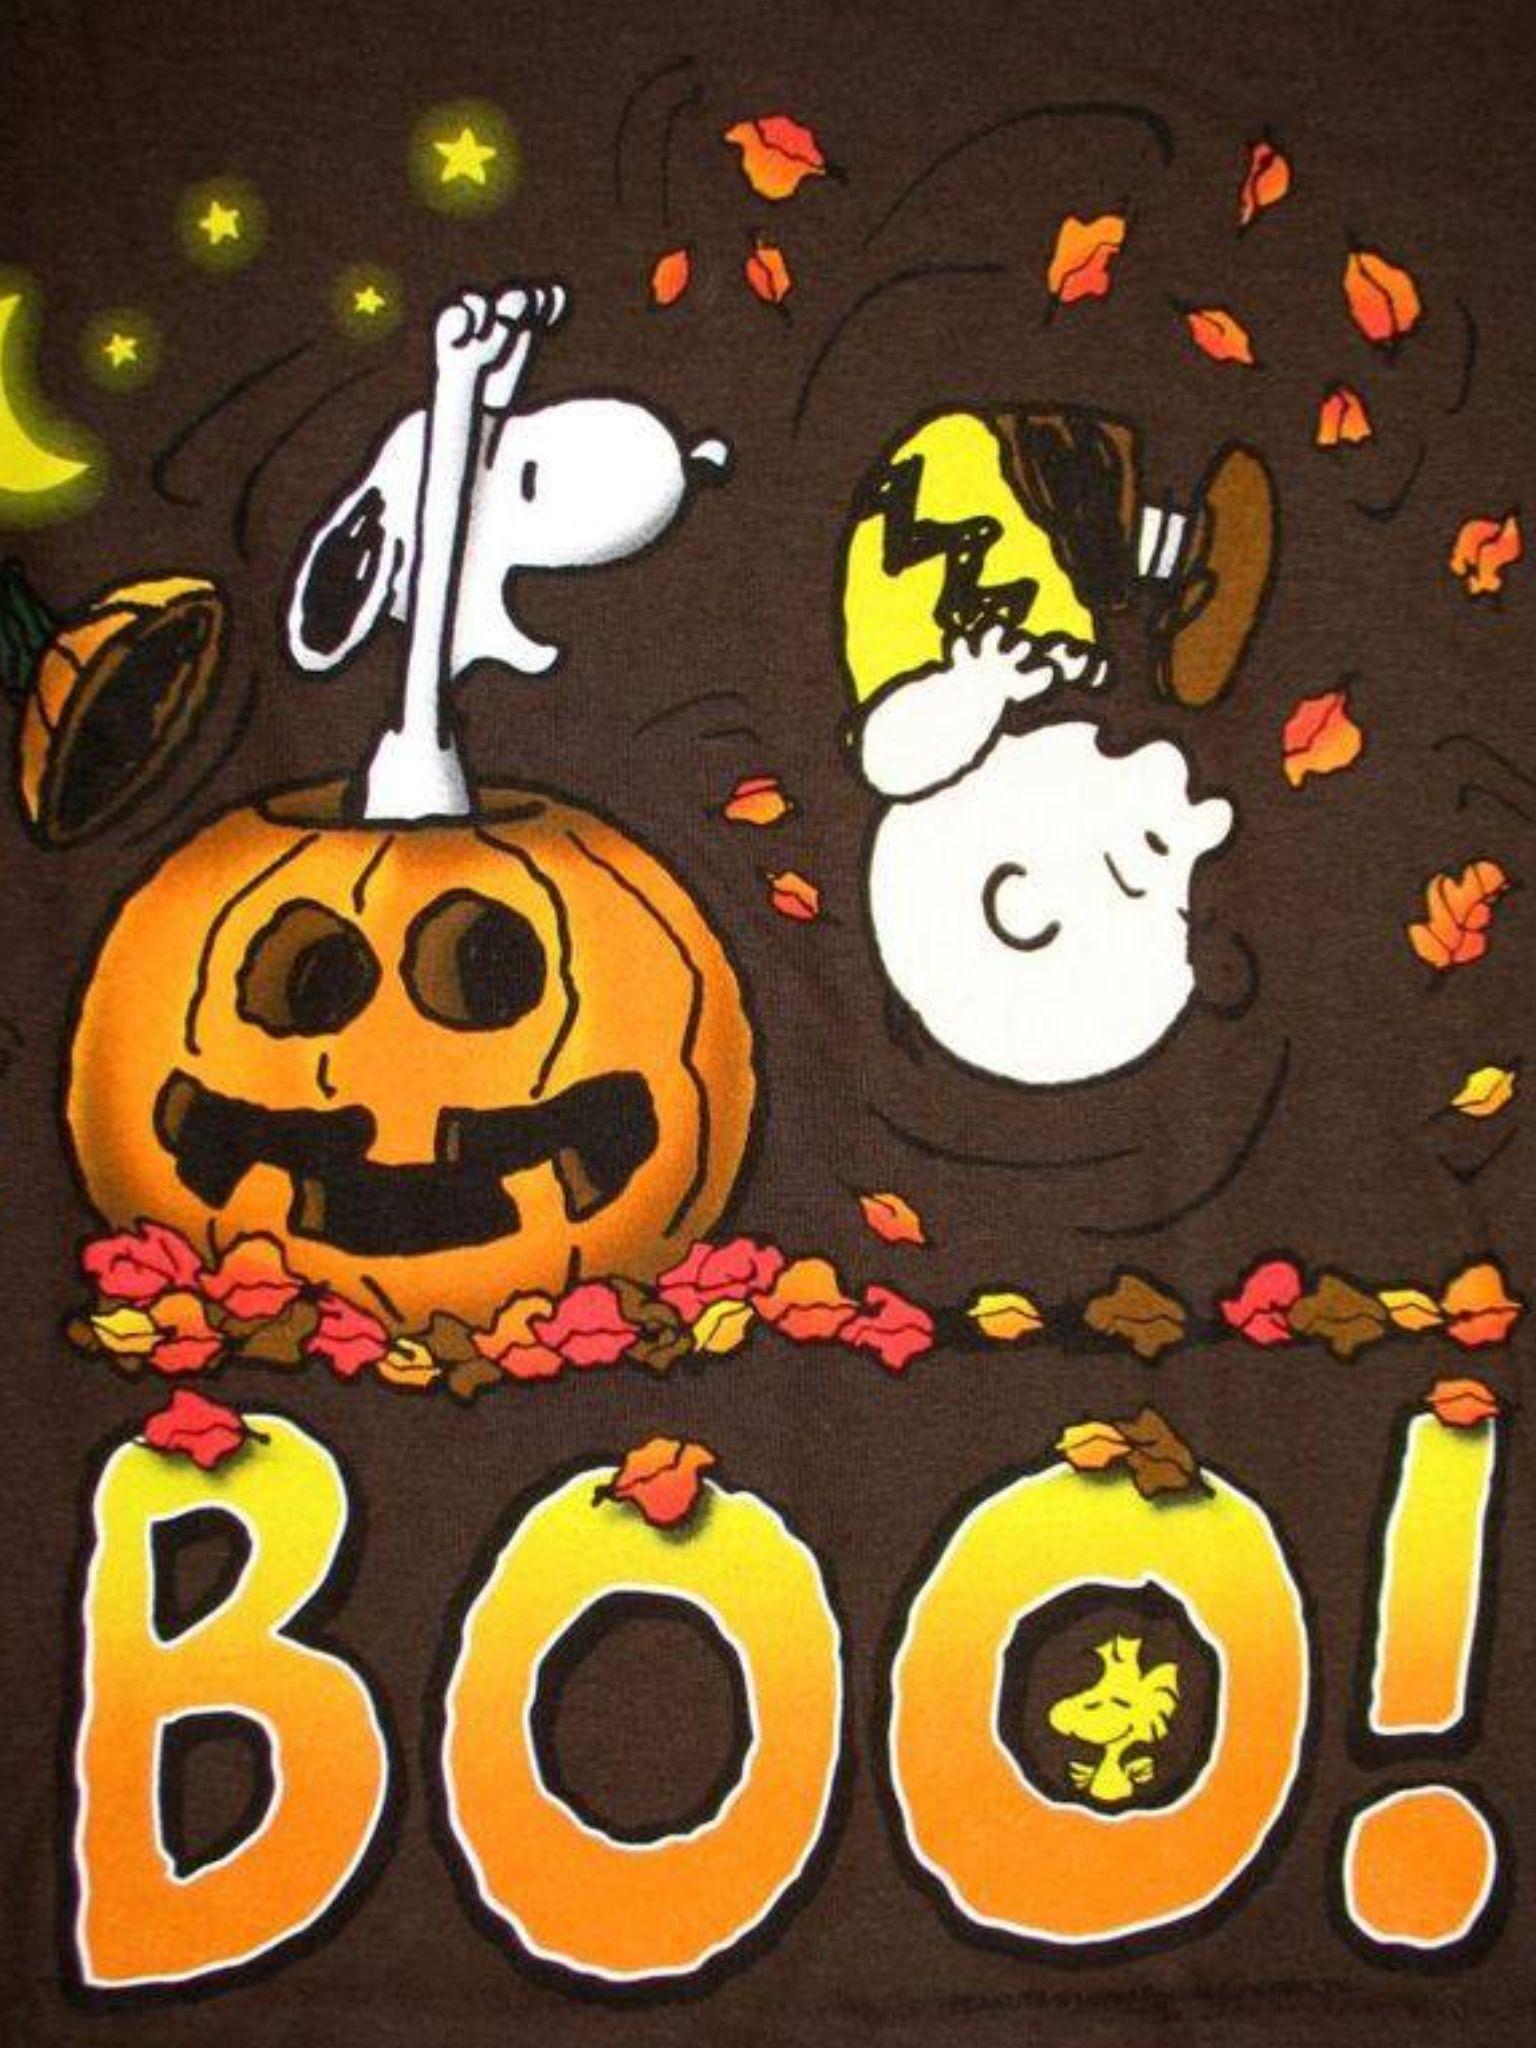 i love snoopylol | halloween/decor | pinterest | snoopy, snoopy